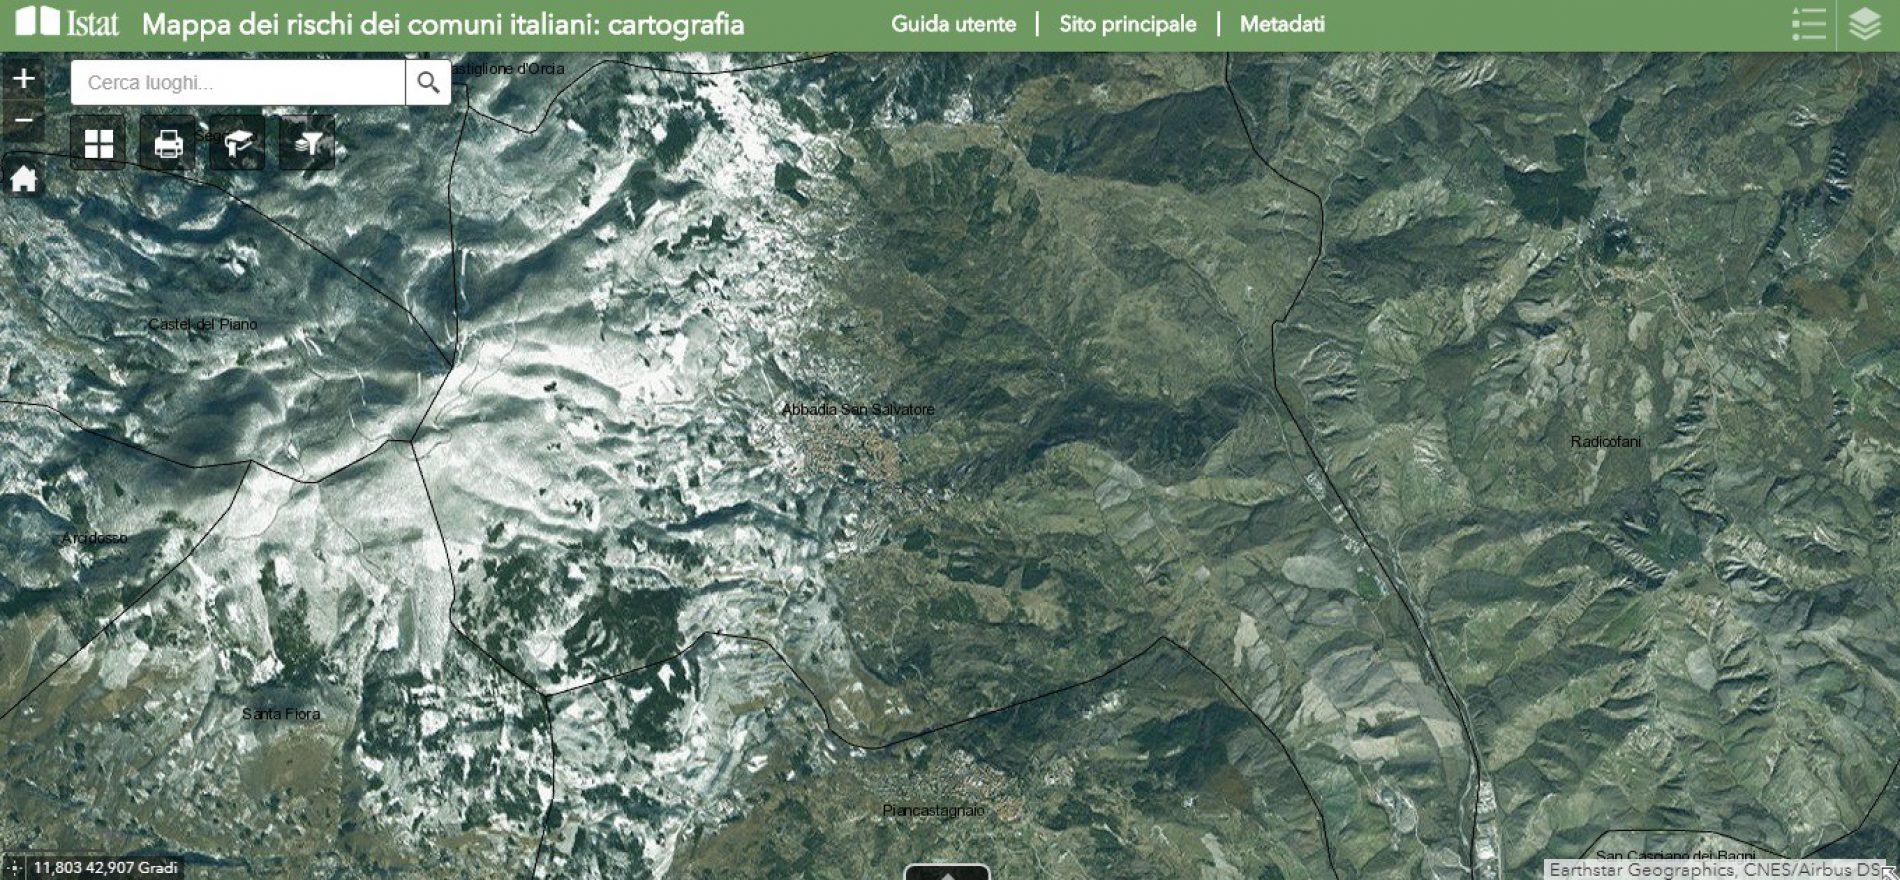 Nuovo sito web sui rischi naturali